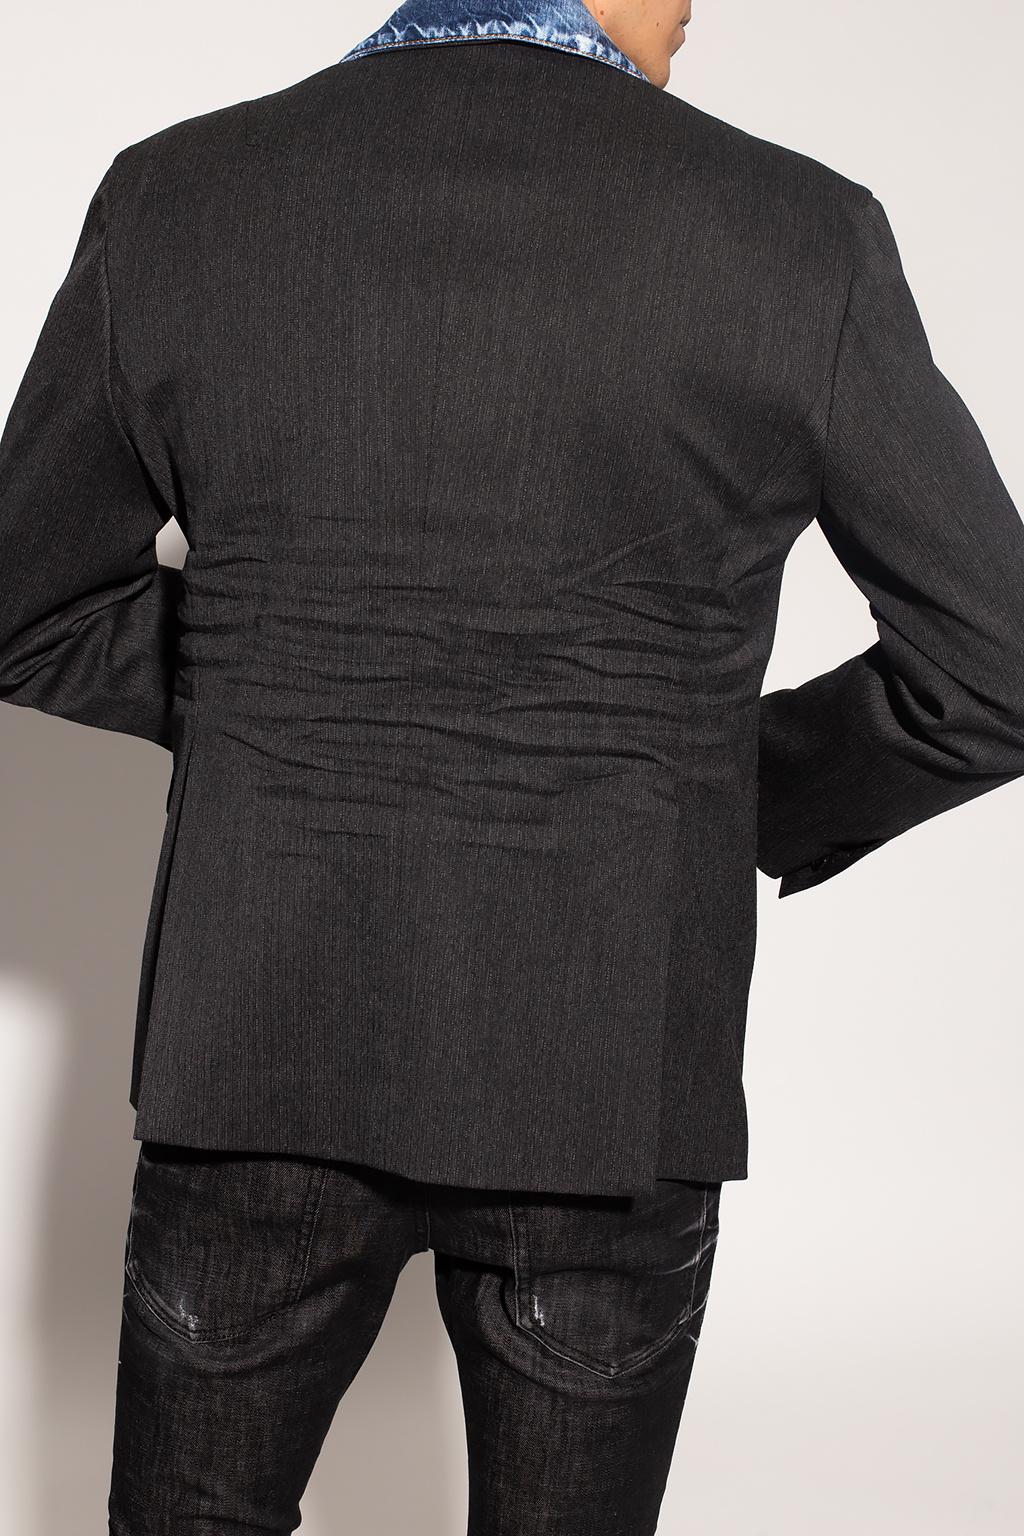 Dsquared2 Blazer with denim trim